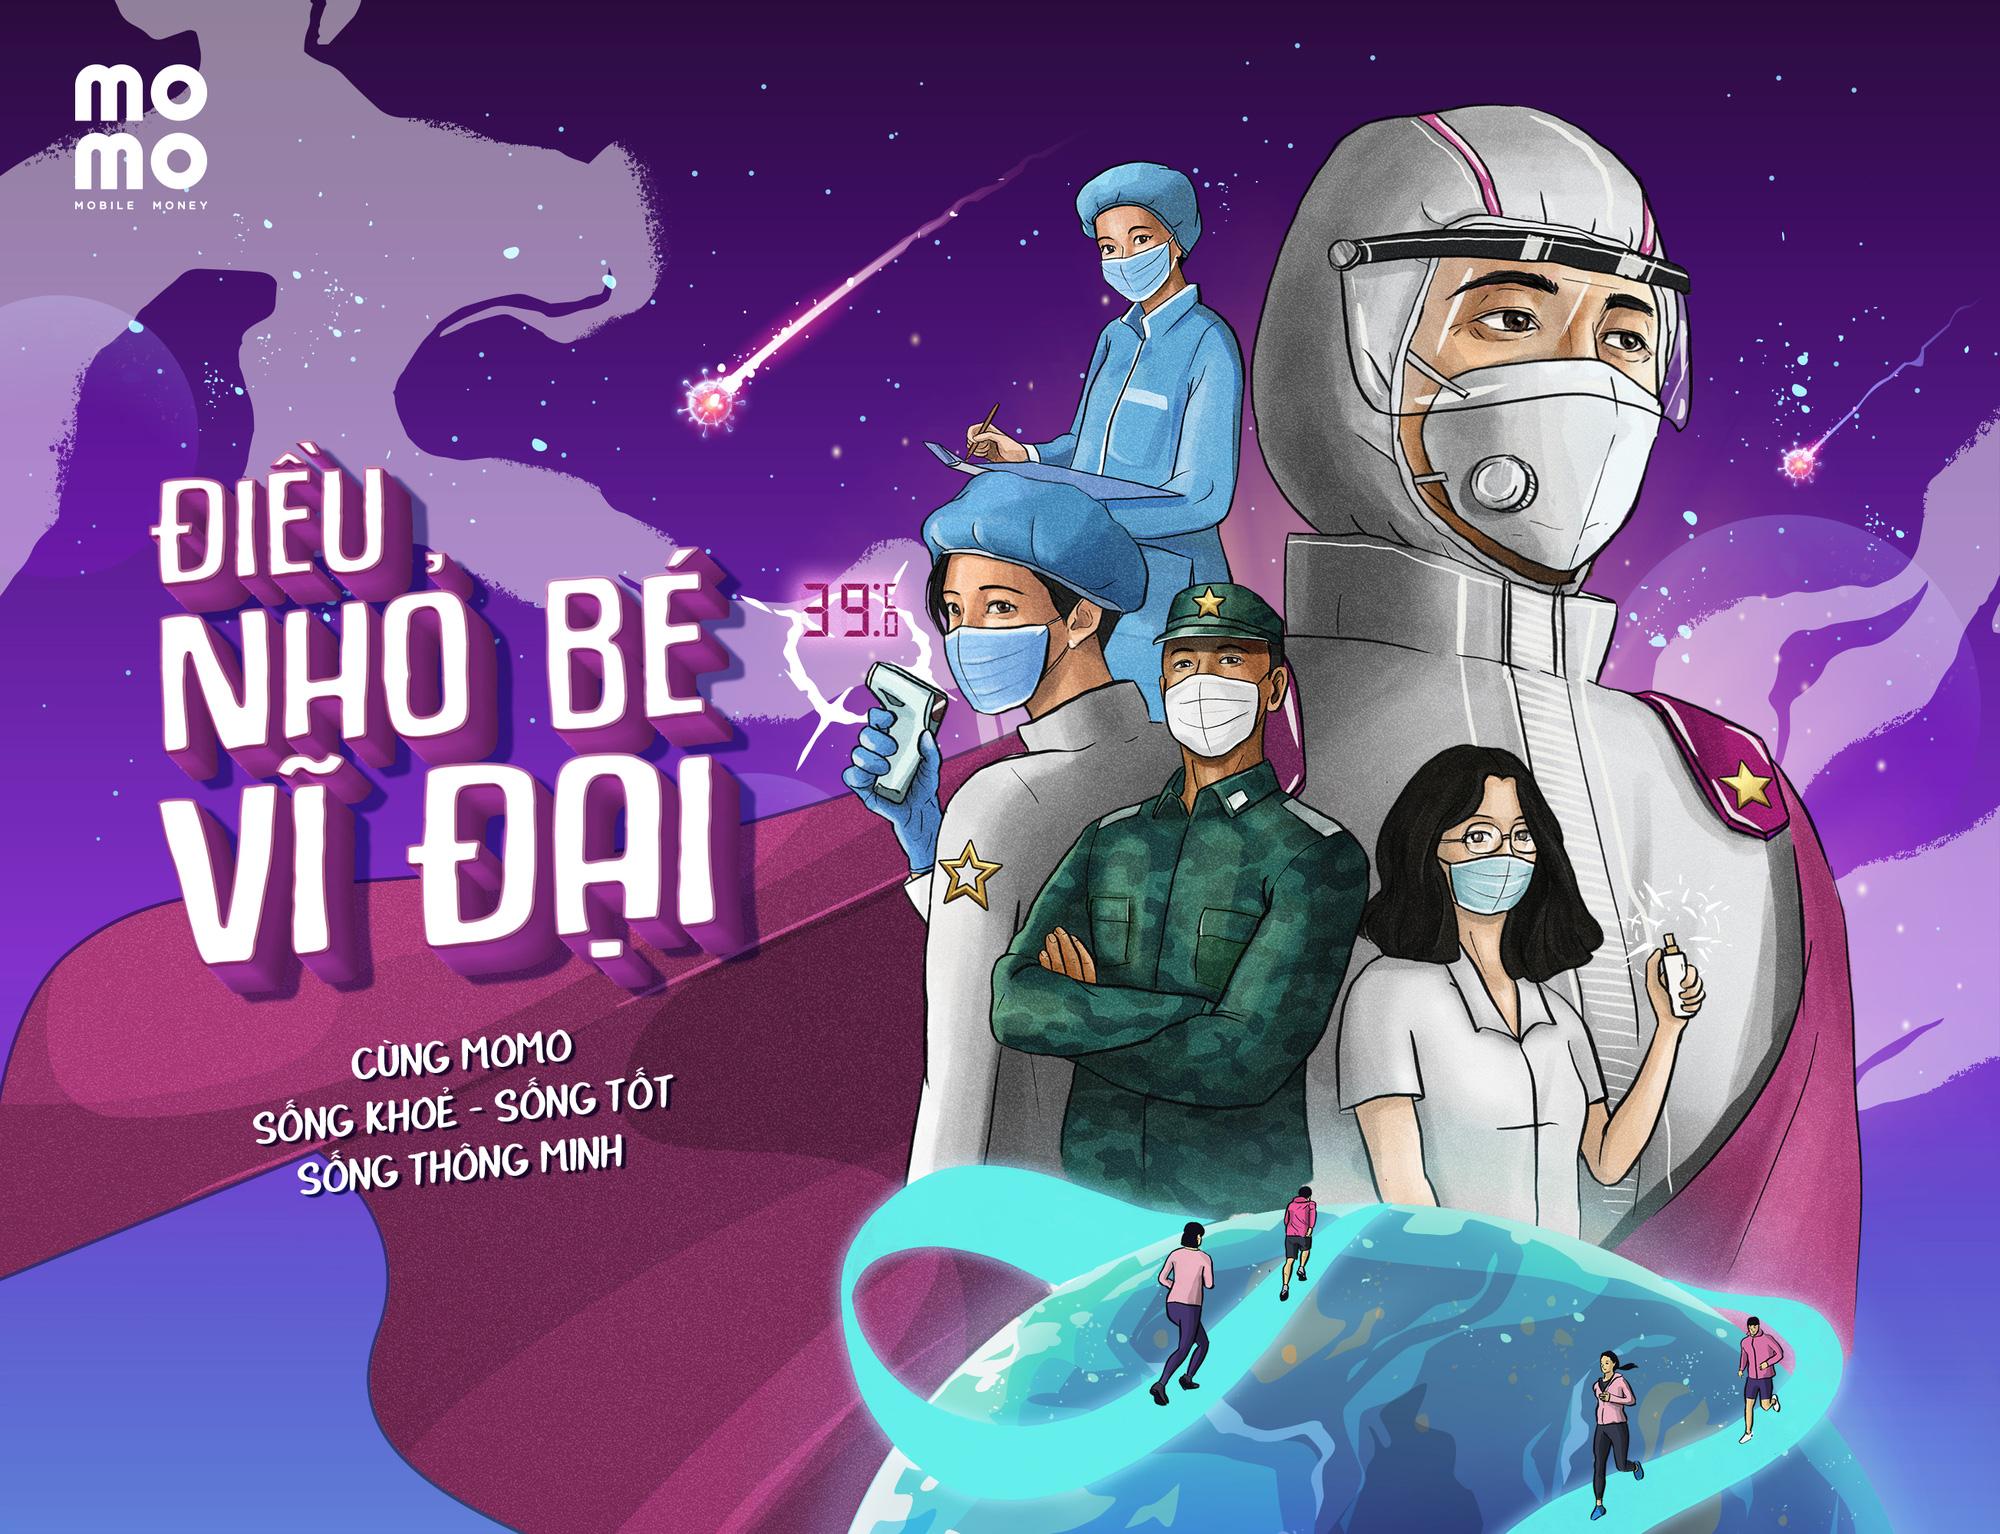 """MoMo triển khai chiến dịch """"Điều nhỏ bé vĩ đại"""" tiếp sức y bác sĩ tuyến đầu chống dịch Covid-19 - Ảnh 1."""